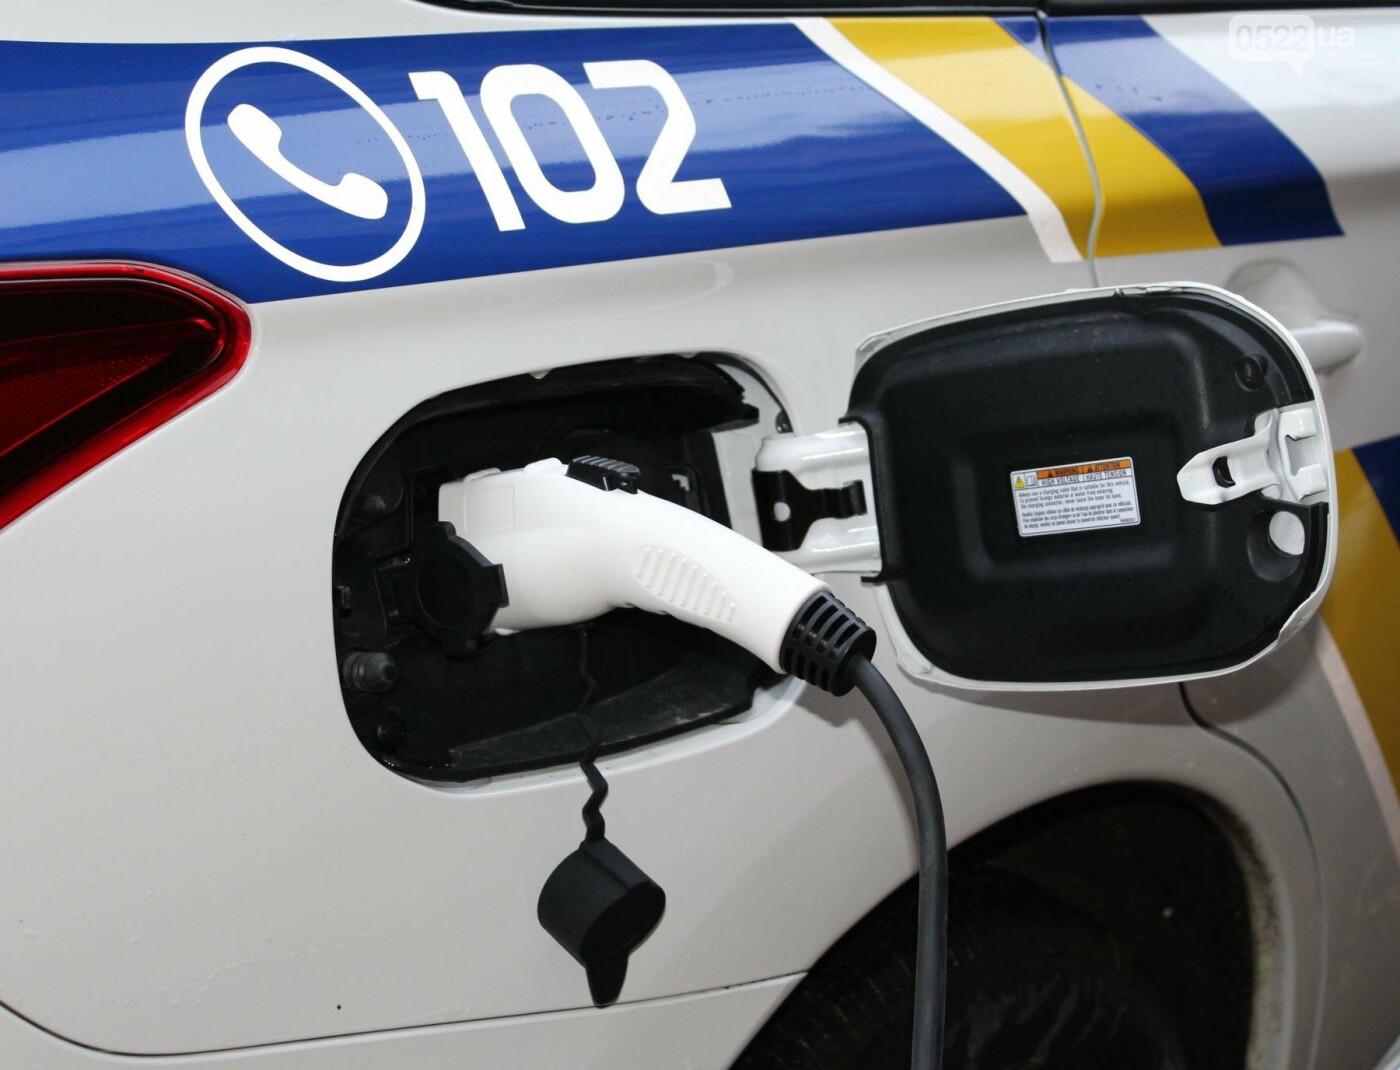 Поліцейські Кіровоградщини одні з перших в Україні провели тендер та закупили пристрої для пришвидшеної зарядки автомобілів (ФОТО, ВИДЕО), фото-1